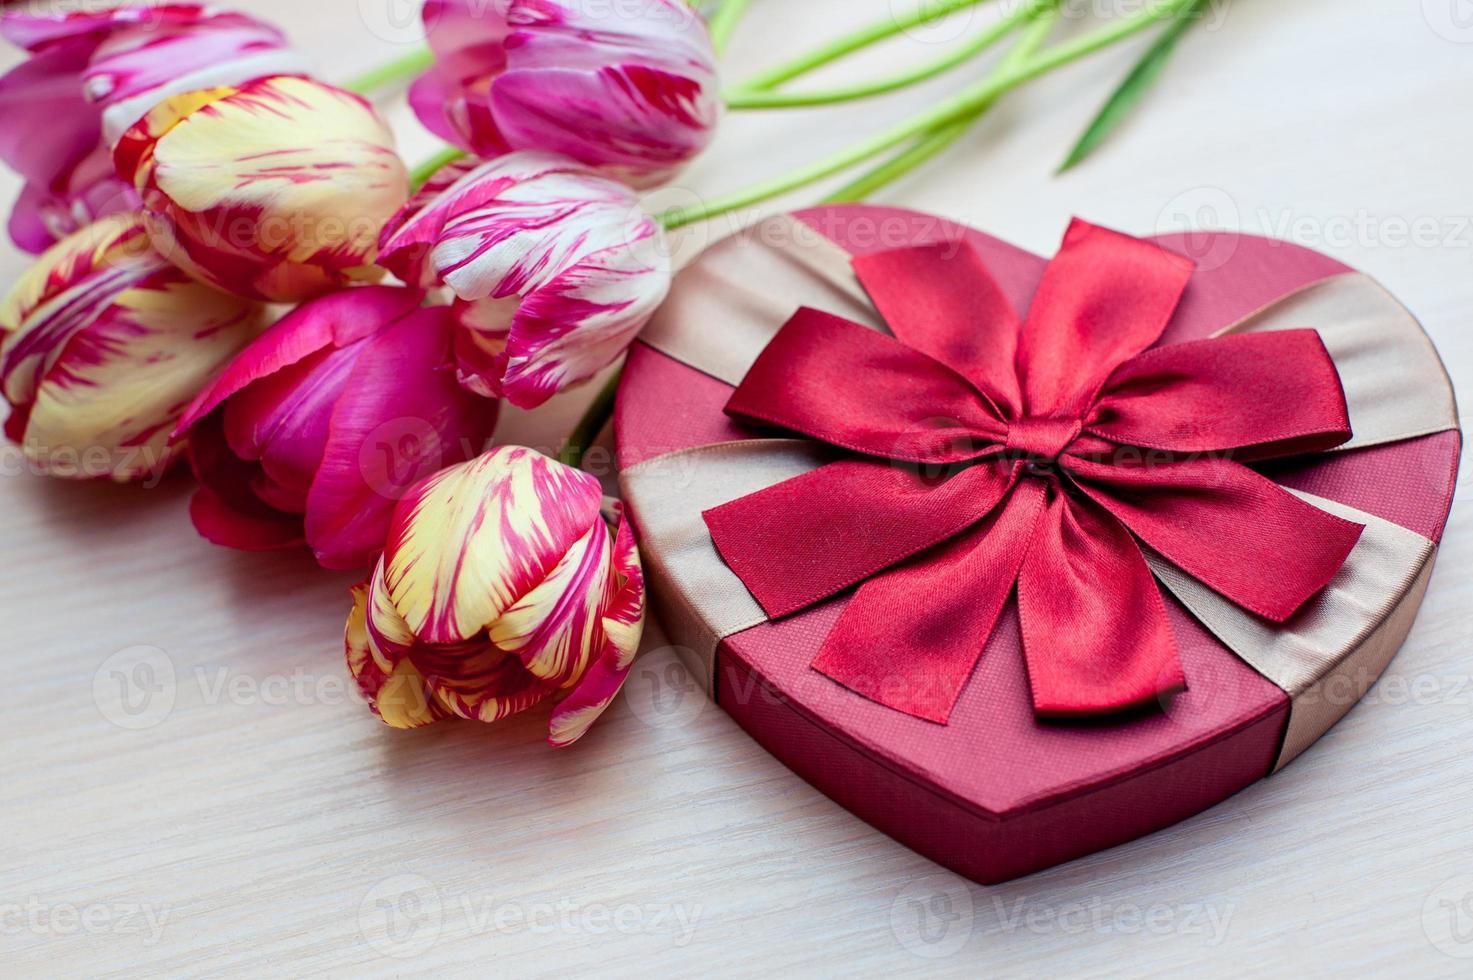 tulipas e caixas com presentes em um fundo branco foto